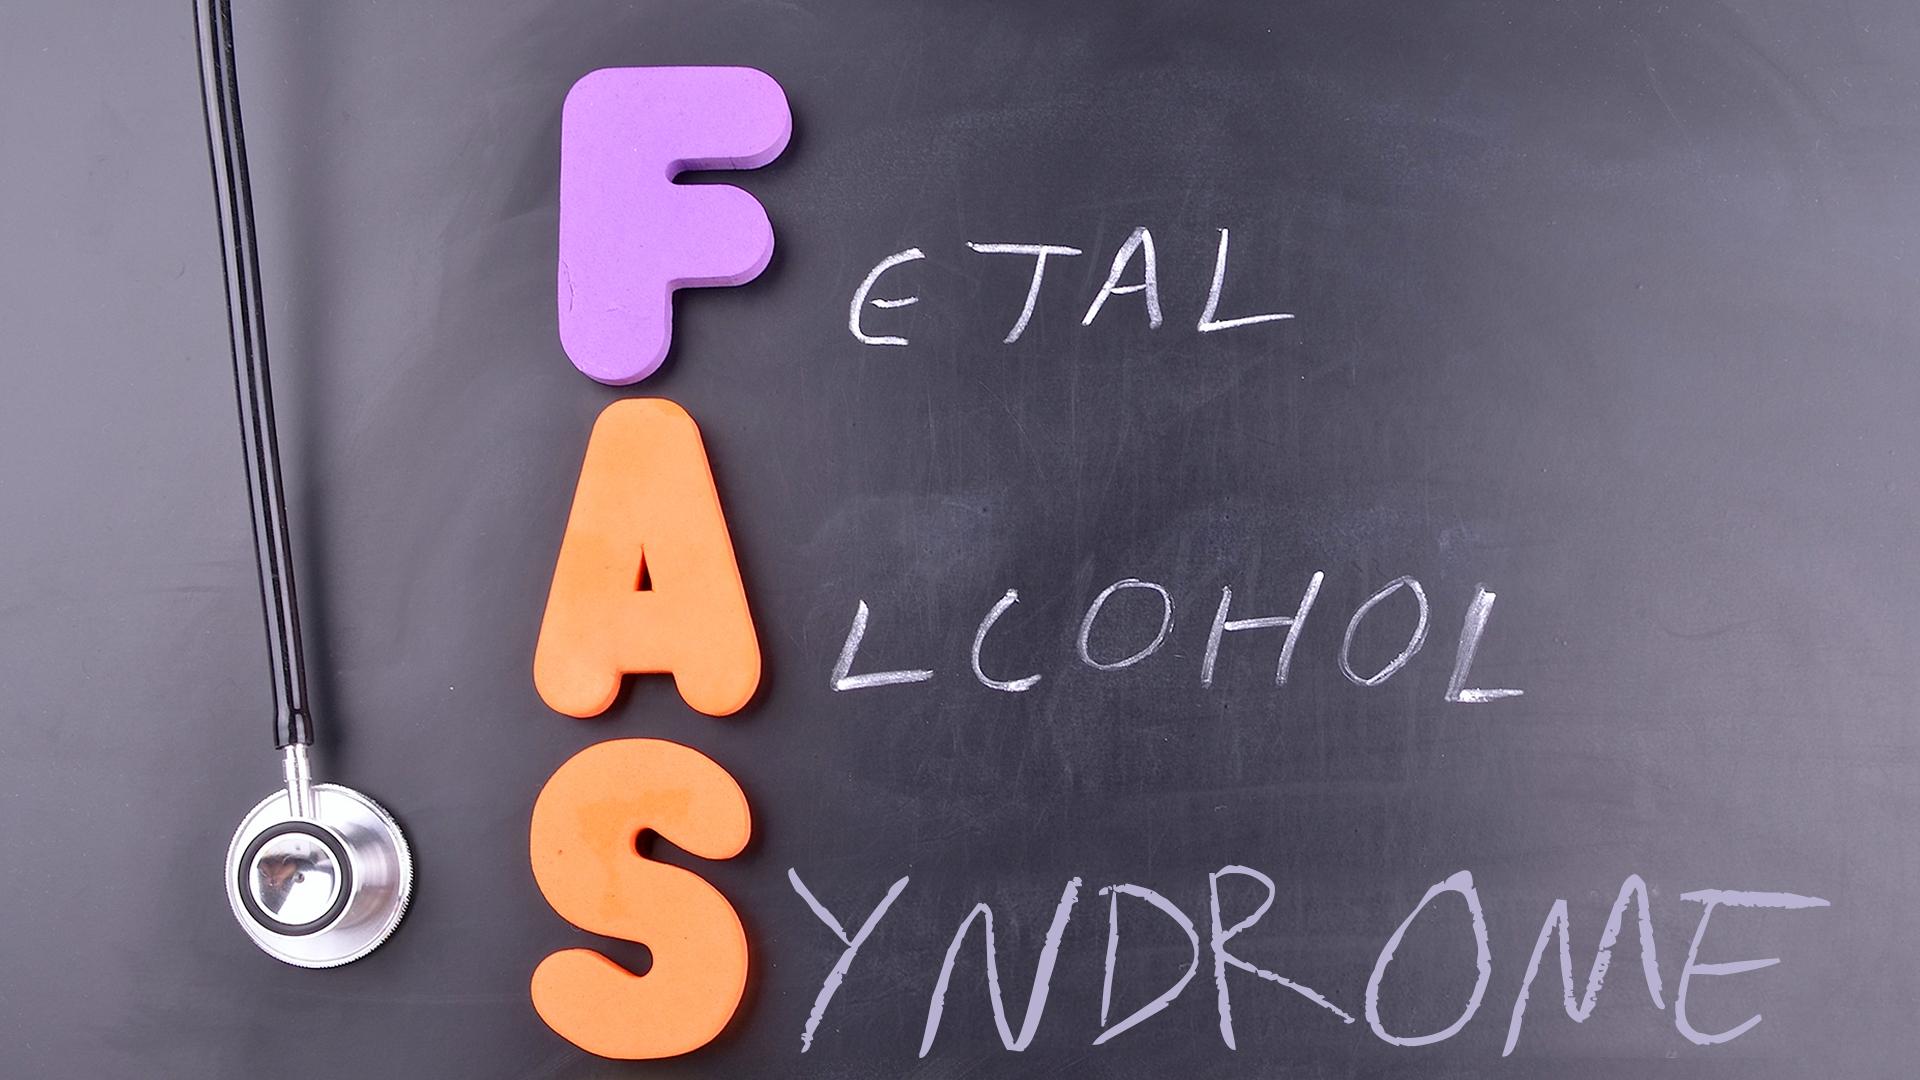 05.Fetal-Alcohol-Syndrome